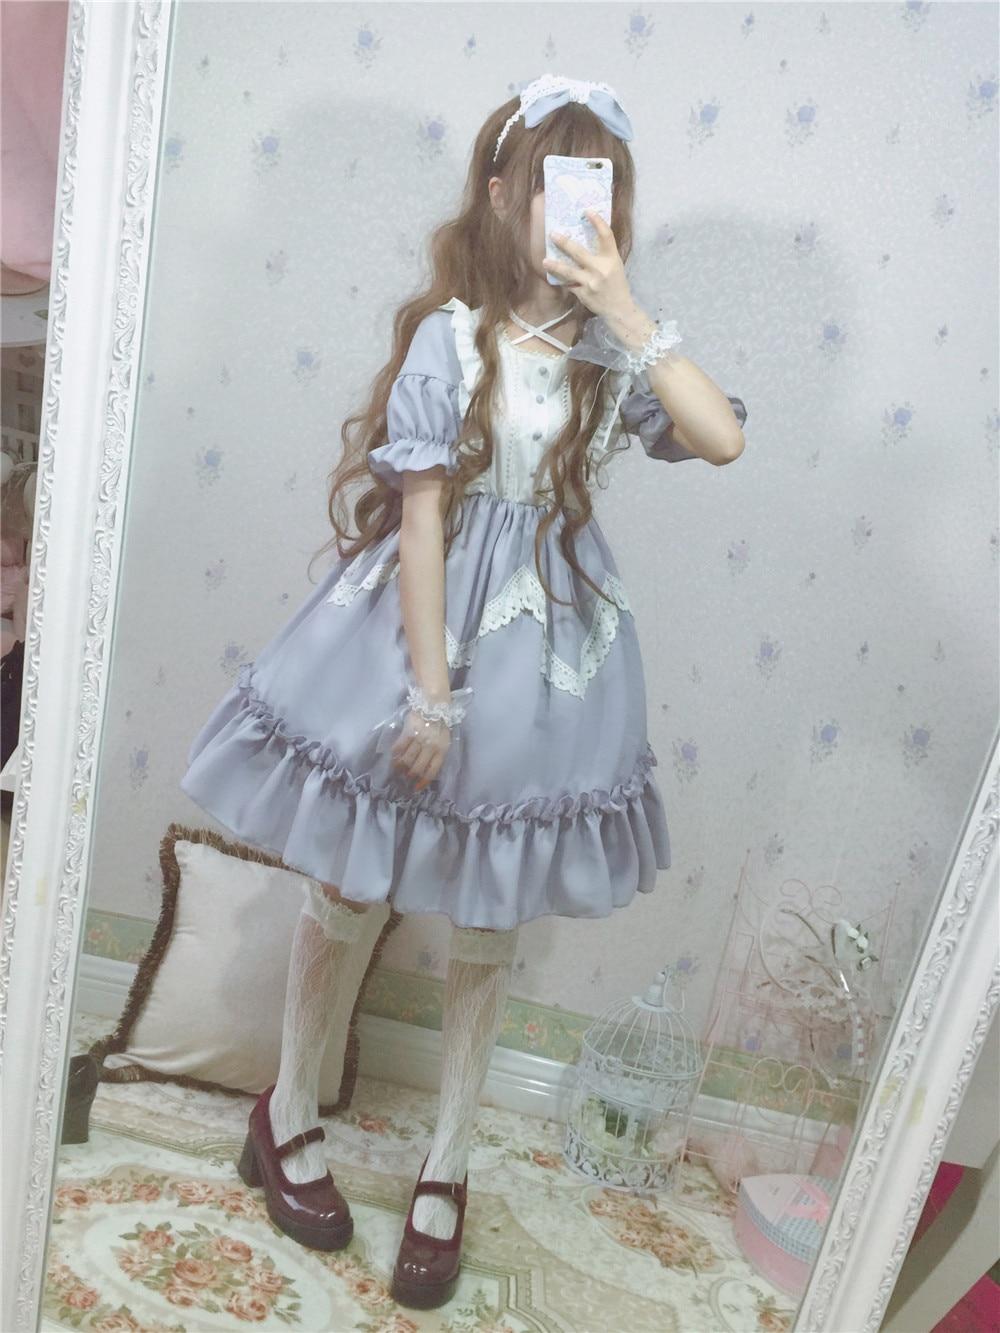 D'été Lolita 2018 Merveilles Grand Des Lacet Robe Black Pays Alice Au blue wO0Pk8nX